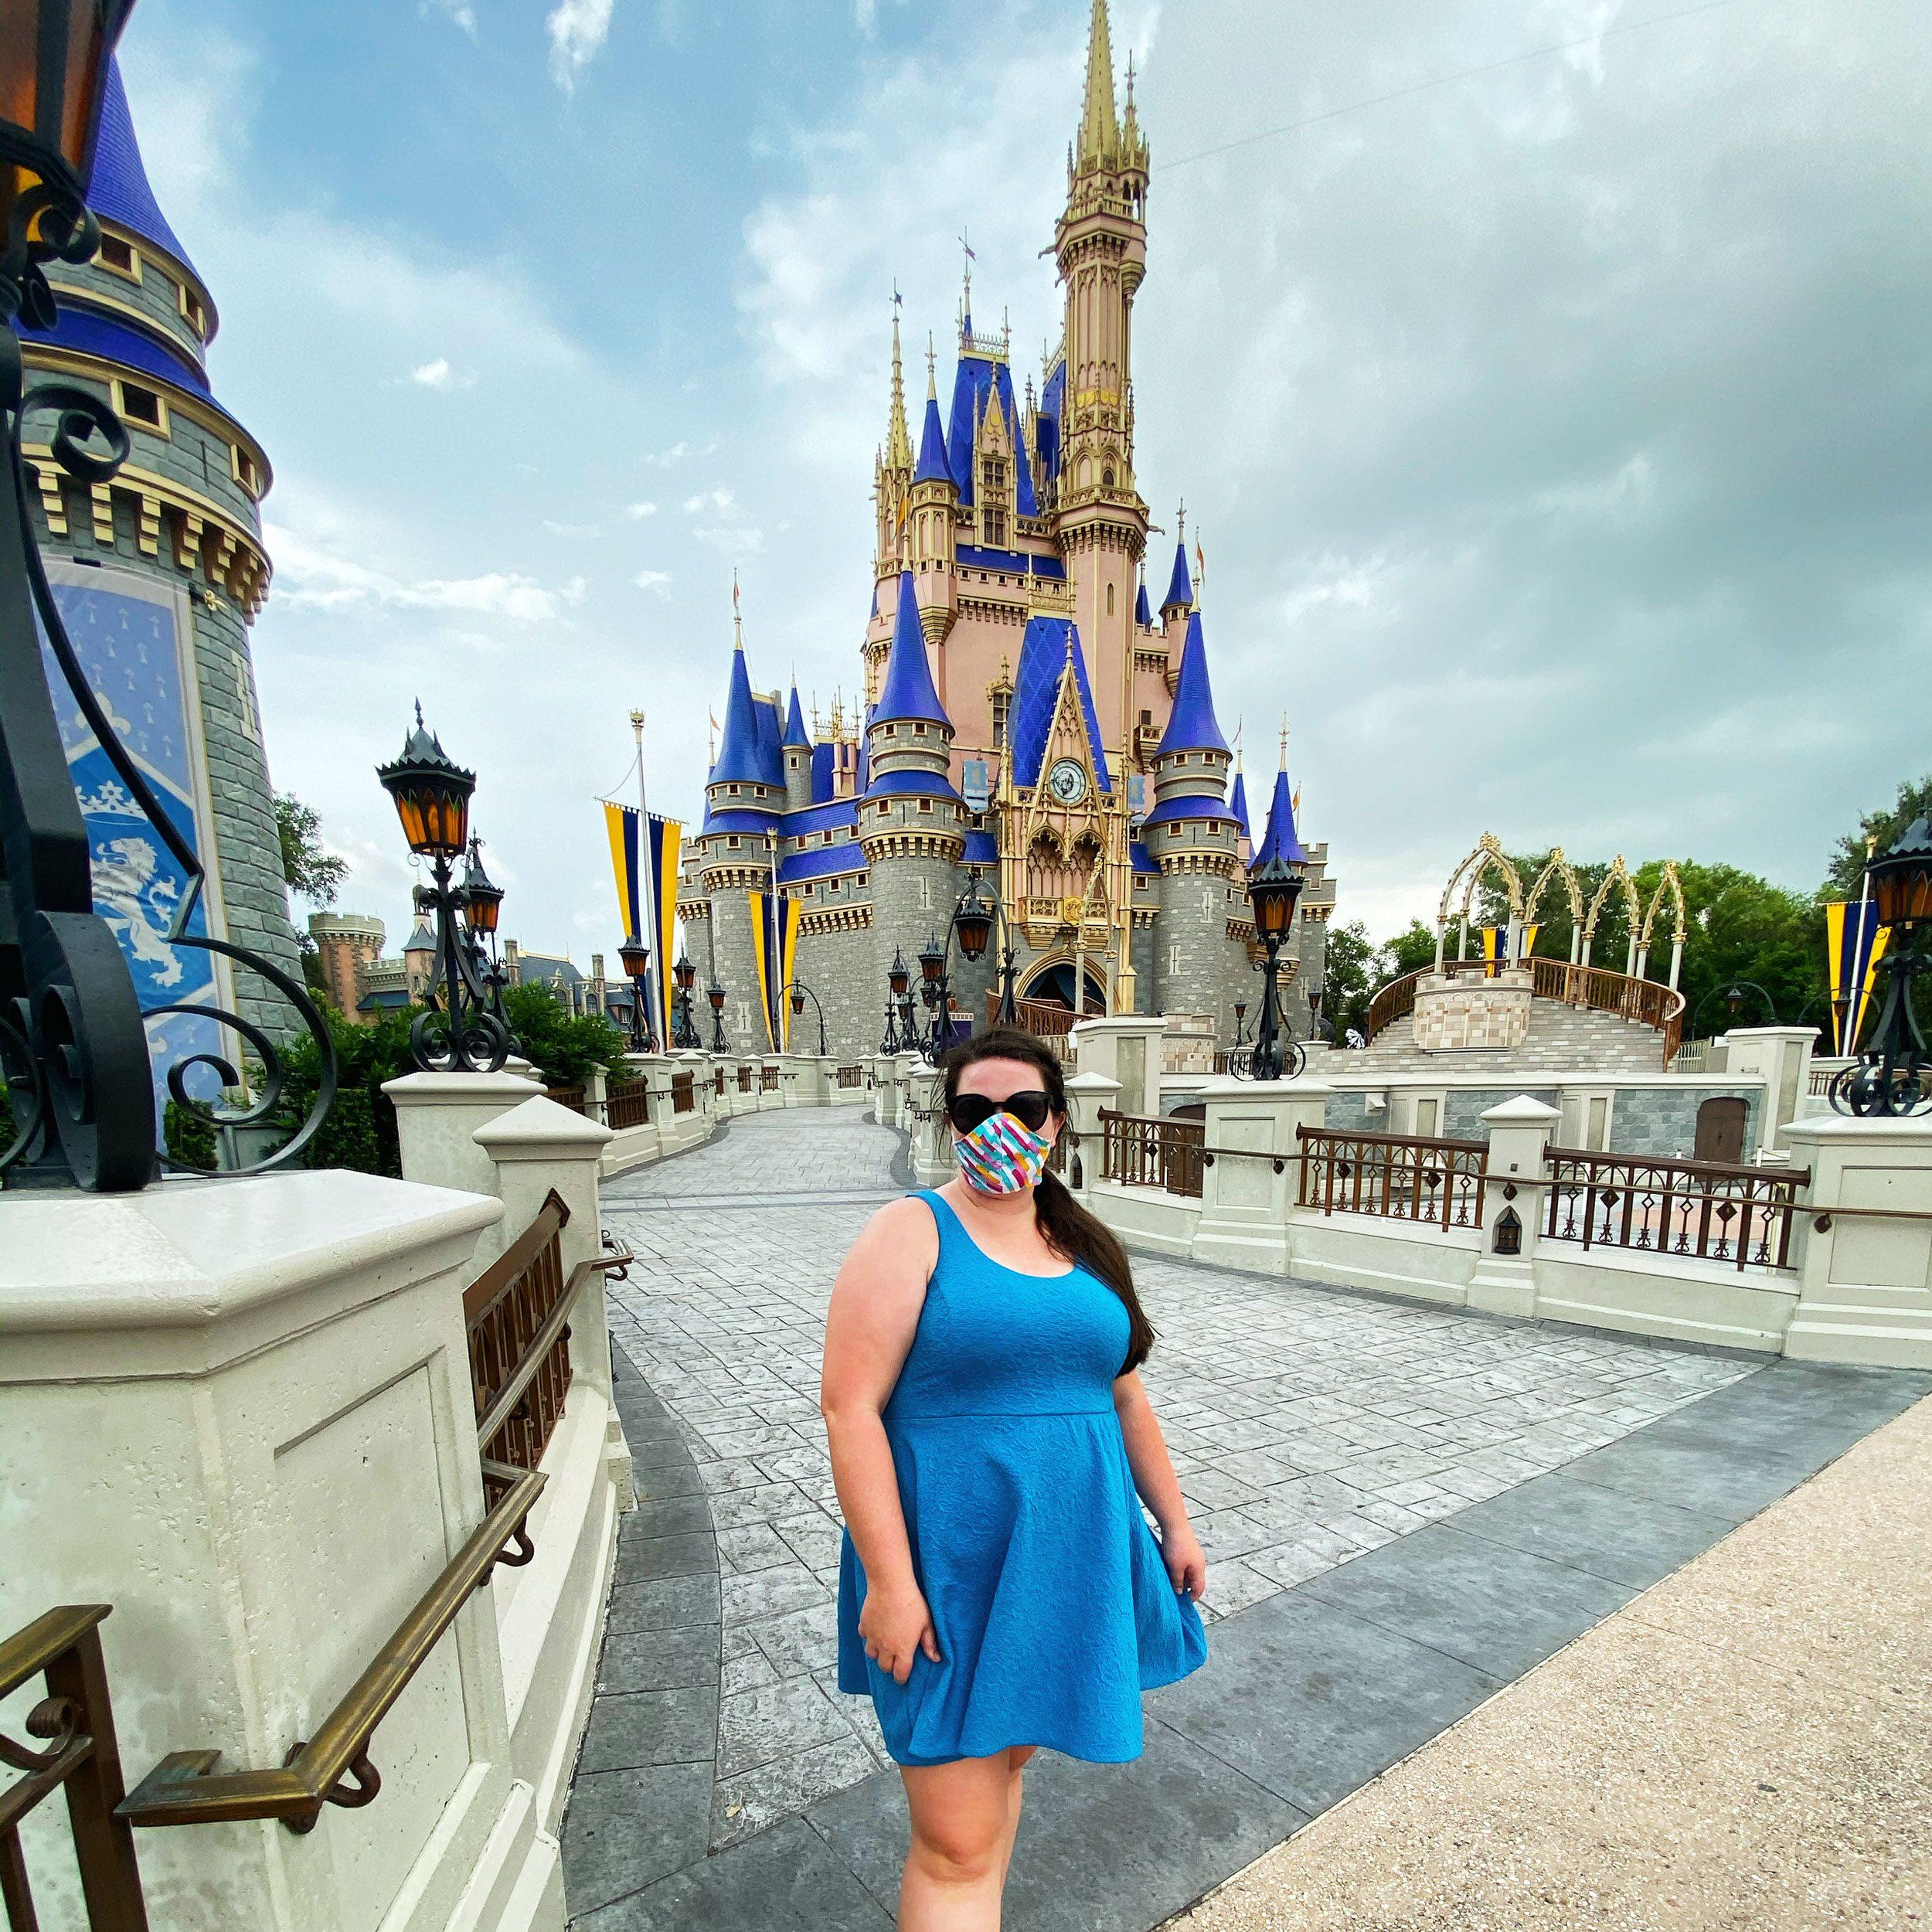 Megan duBois at Disney